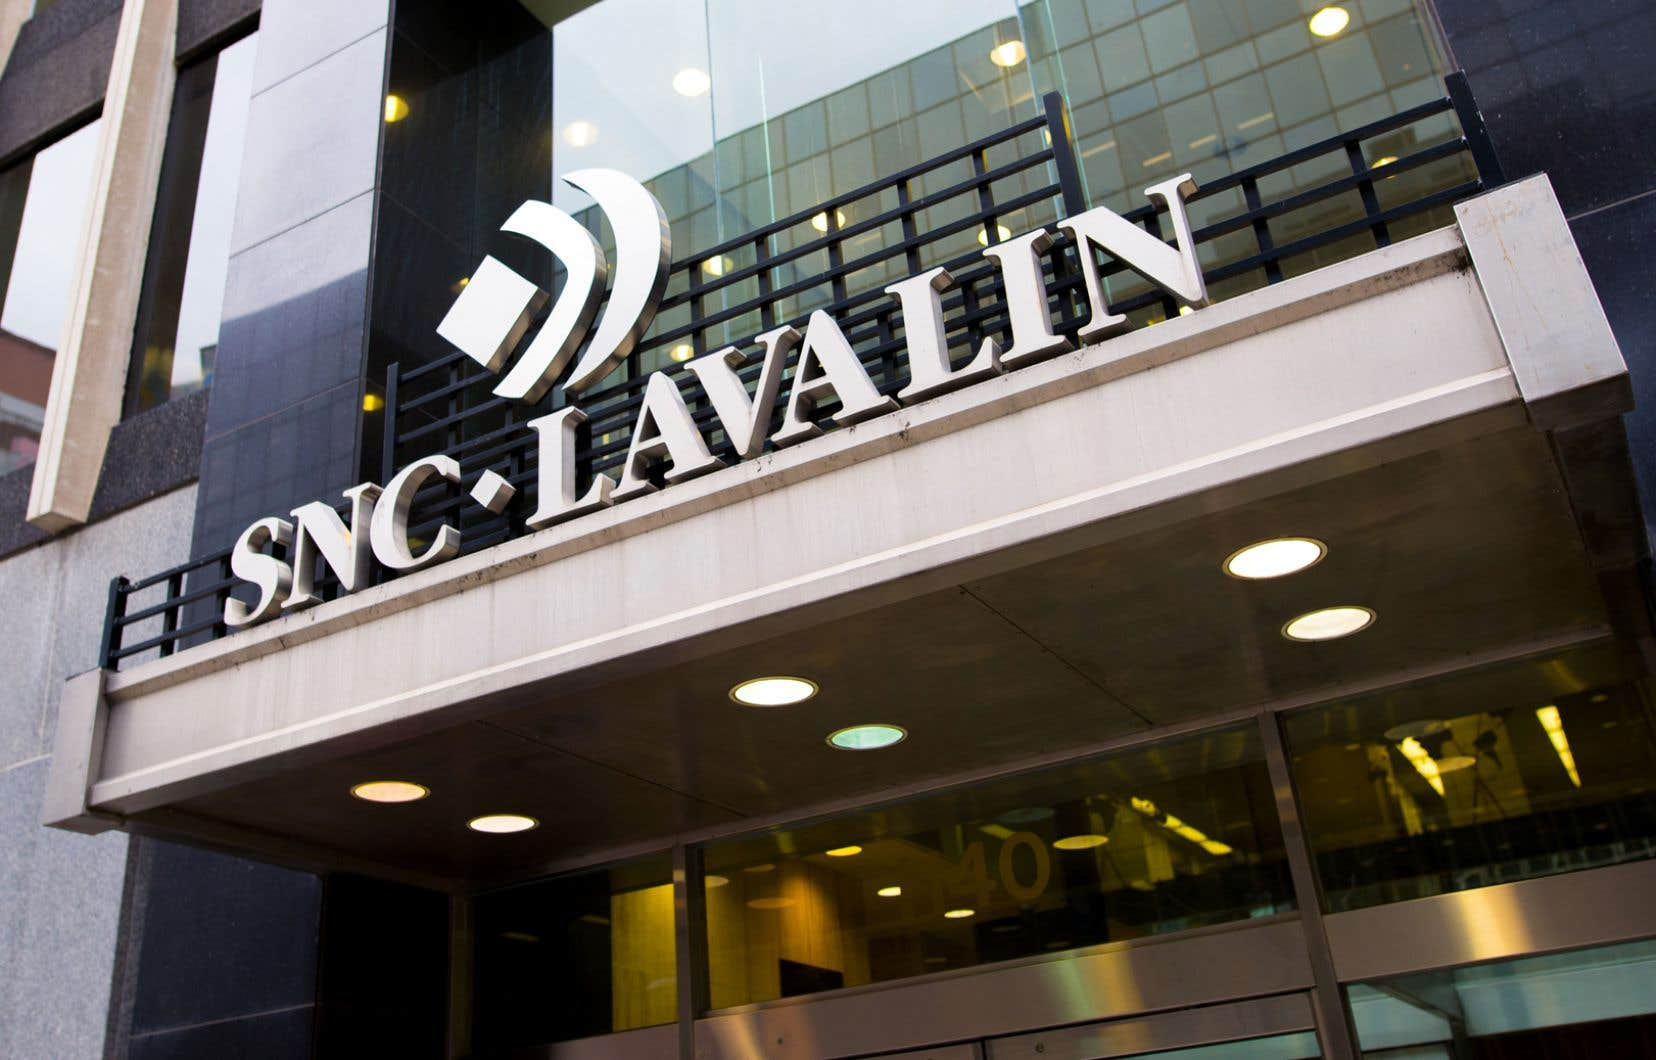 Lorsque sa division construction avait plaidé coupable à une accusation, en décembre dernier, SNC-Lavalin avait également obtenu un arrêt des procédures à l'égard des accusations de fraude et de corruption.